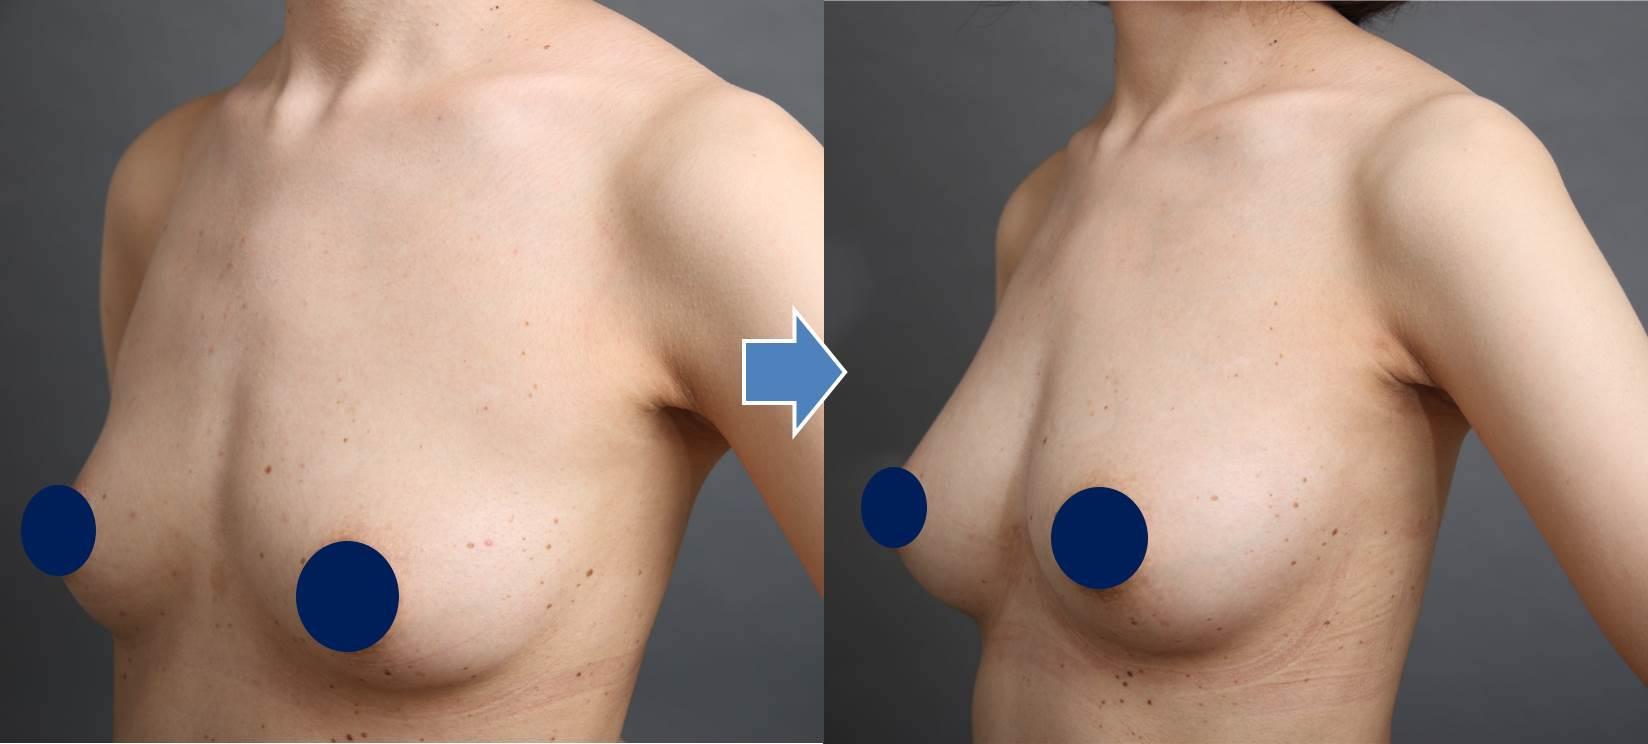 脂肪注入豊胸の症例(釣鐘型)